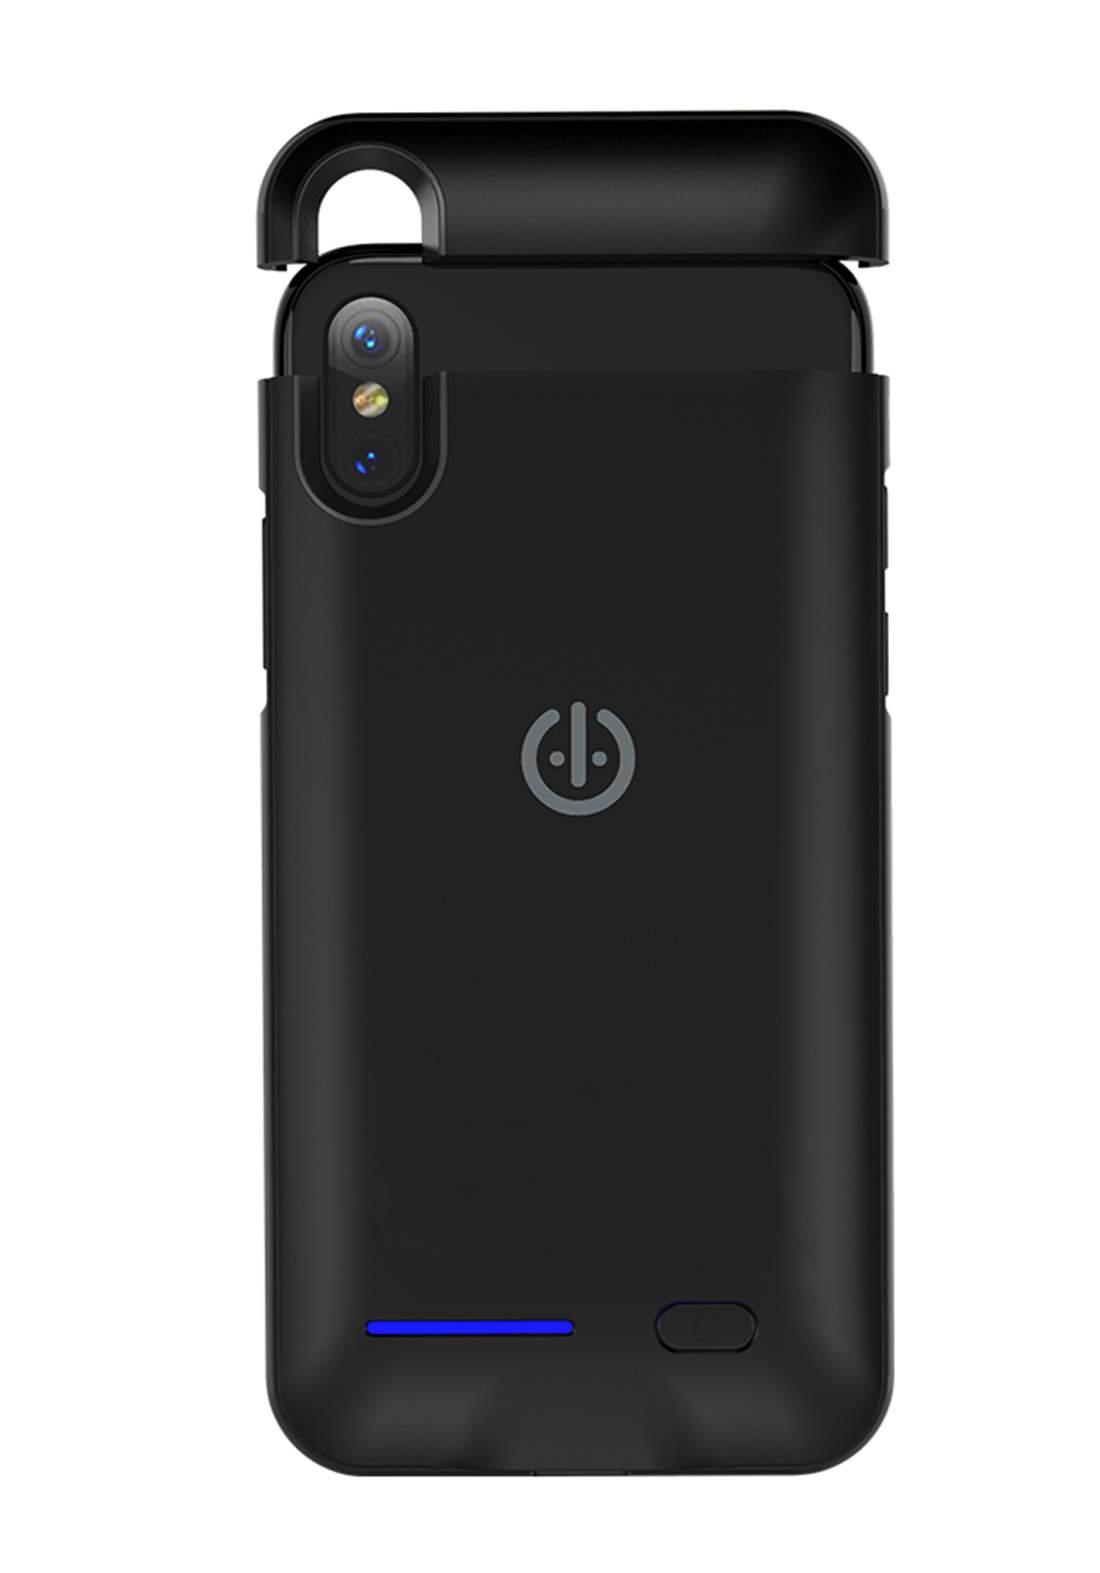 Optiva DX01 Mobile Case Charger For iphone Xand  XS Black شاحن حافظة الموبايل